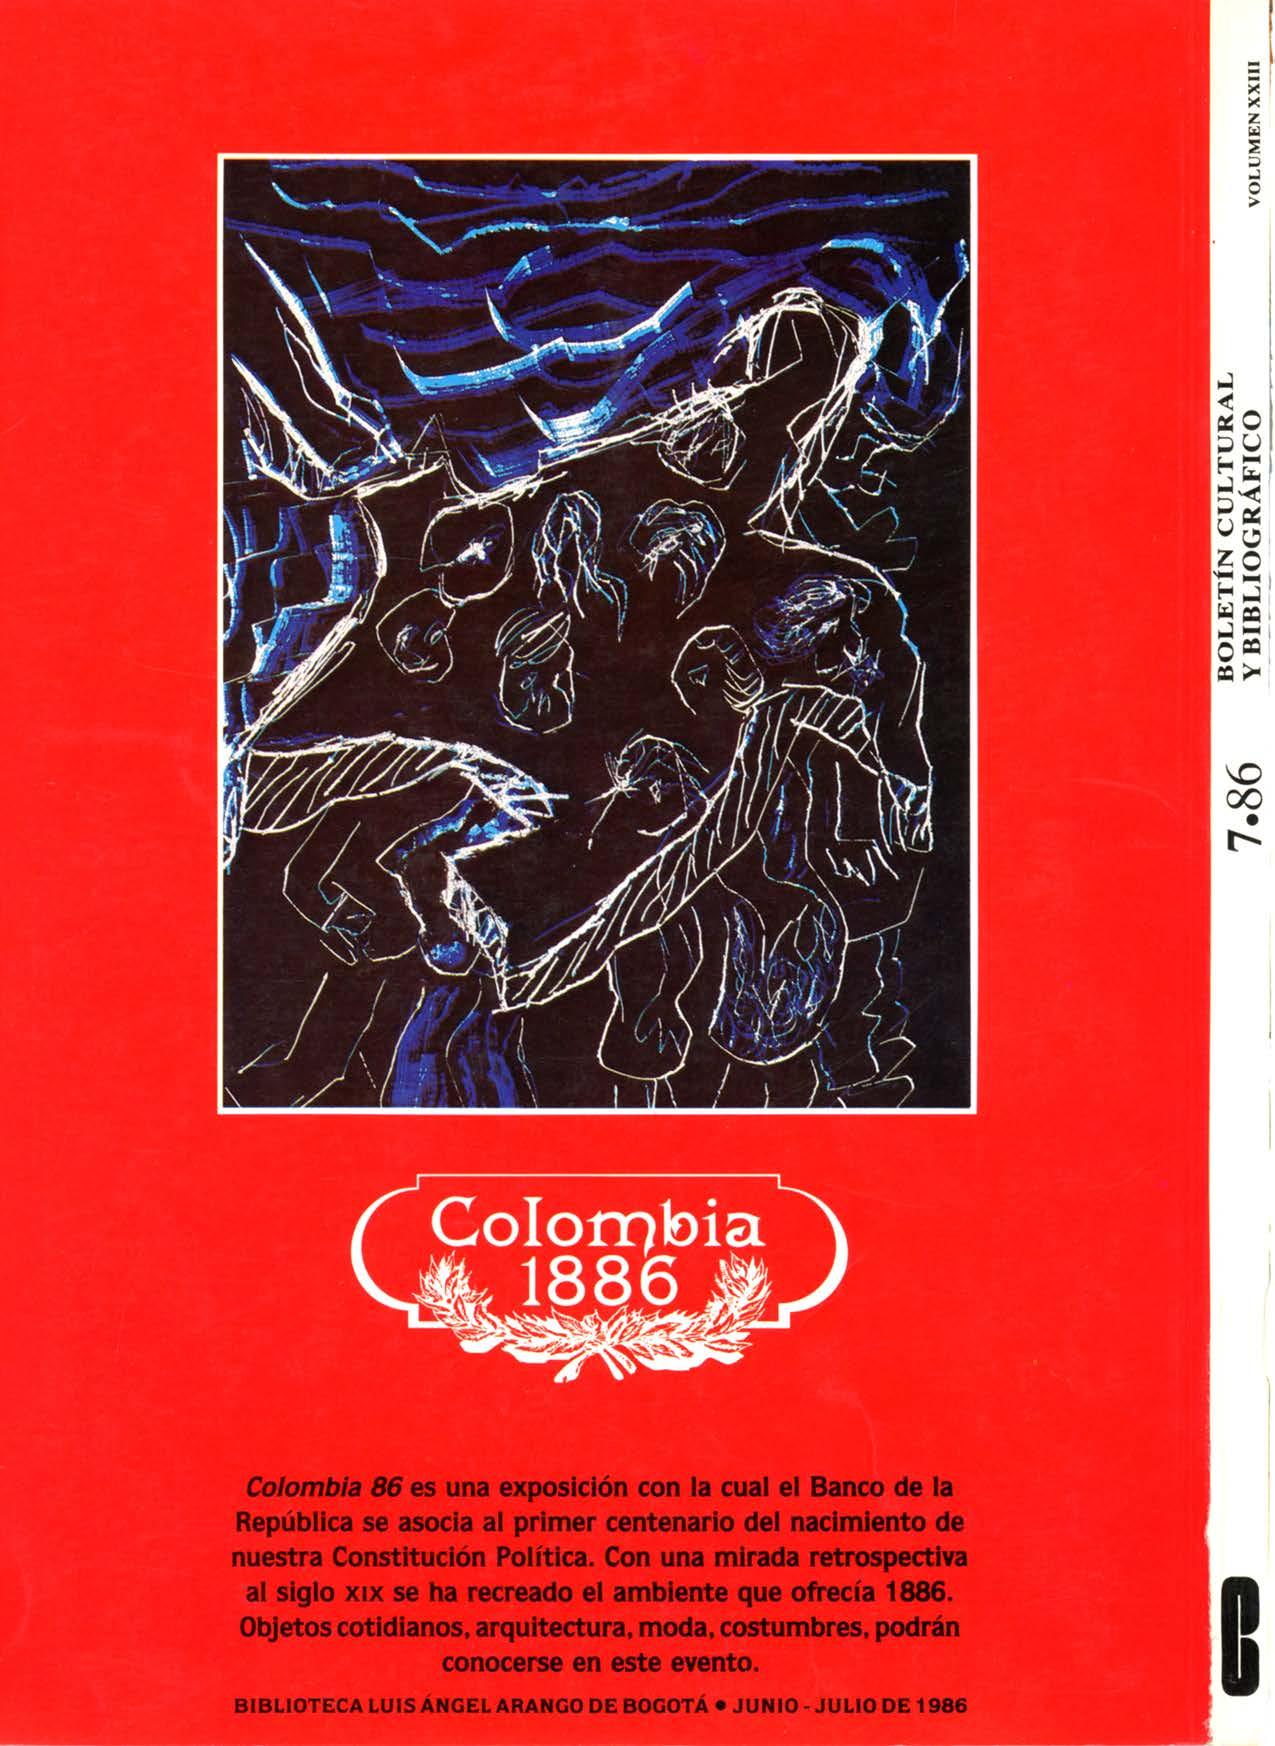 Cardoso. María Fernanda. Contraportada. Boletín Cultural y Bibliográfico XXIII. no. 7. 1986